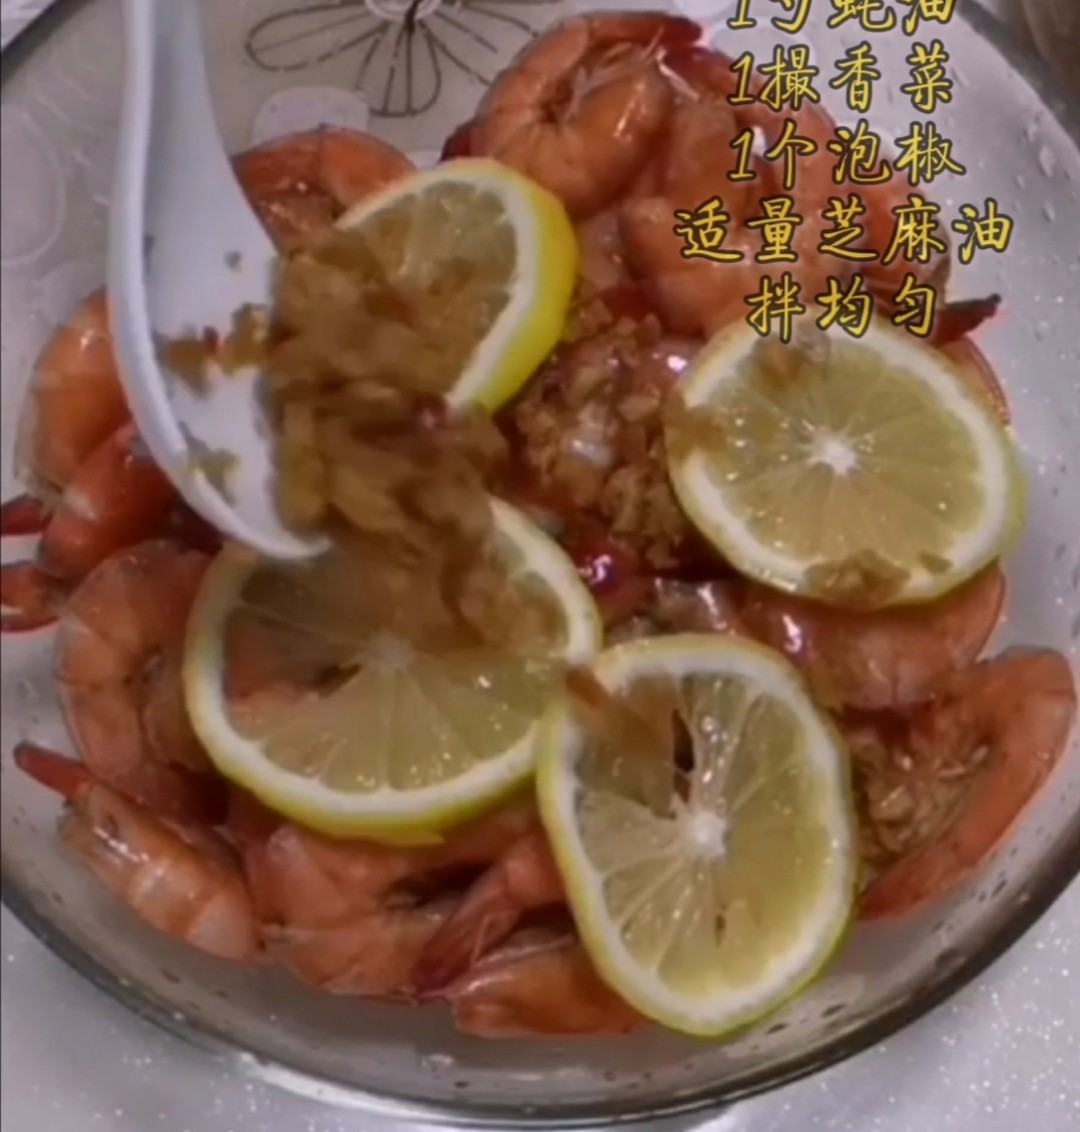 柠檬虾怎么吃